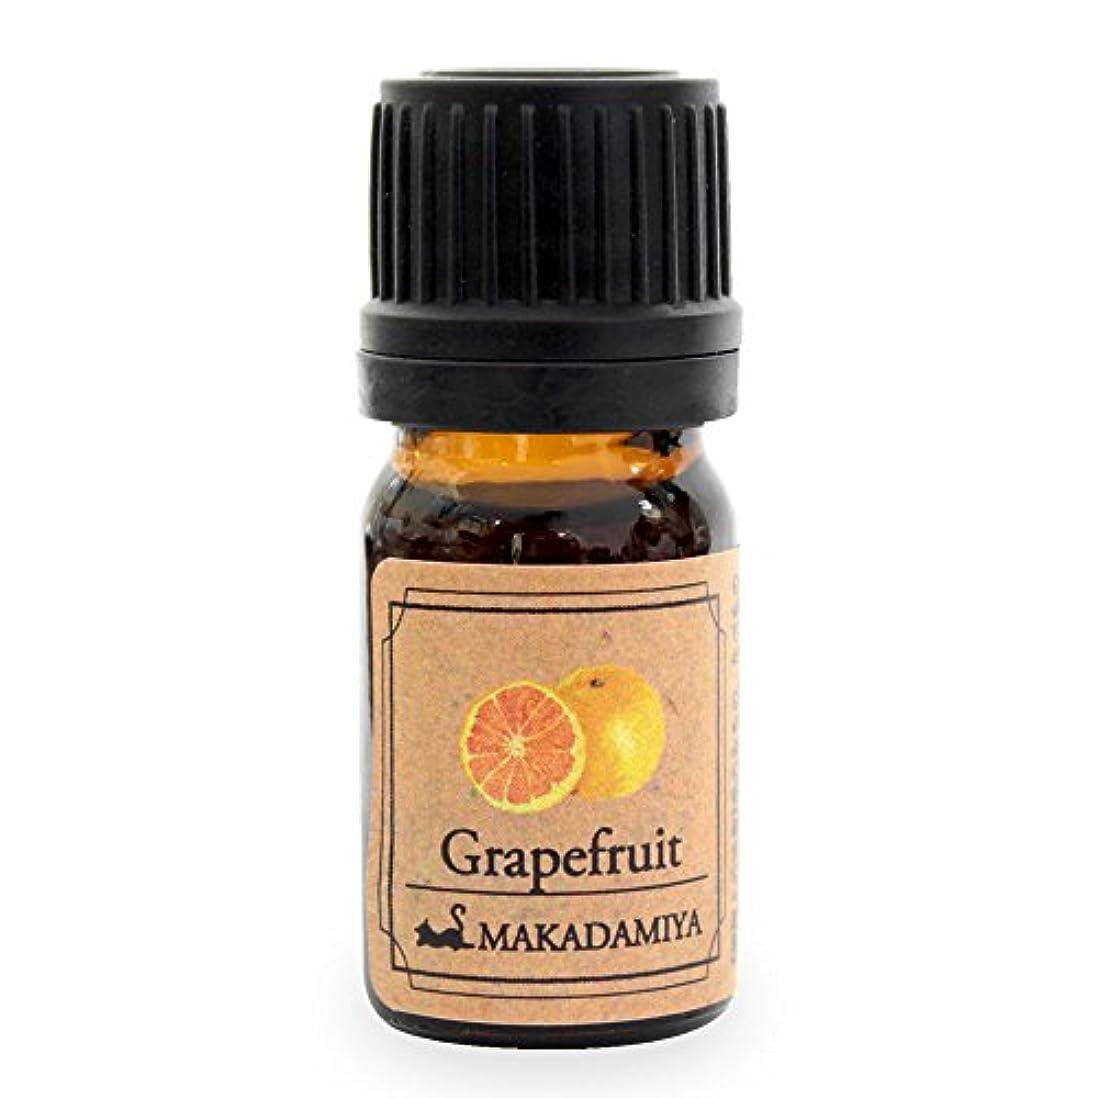 離れて倒産叱るグレープフルーツ5ml 天然100%植物性 エッセンシャルオイル(精油) アロマオイル アロママッサージ aroma Grapefruit